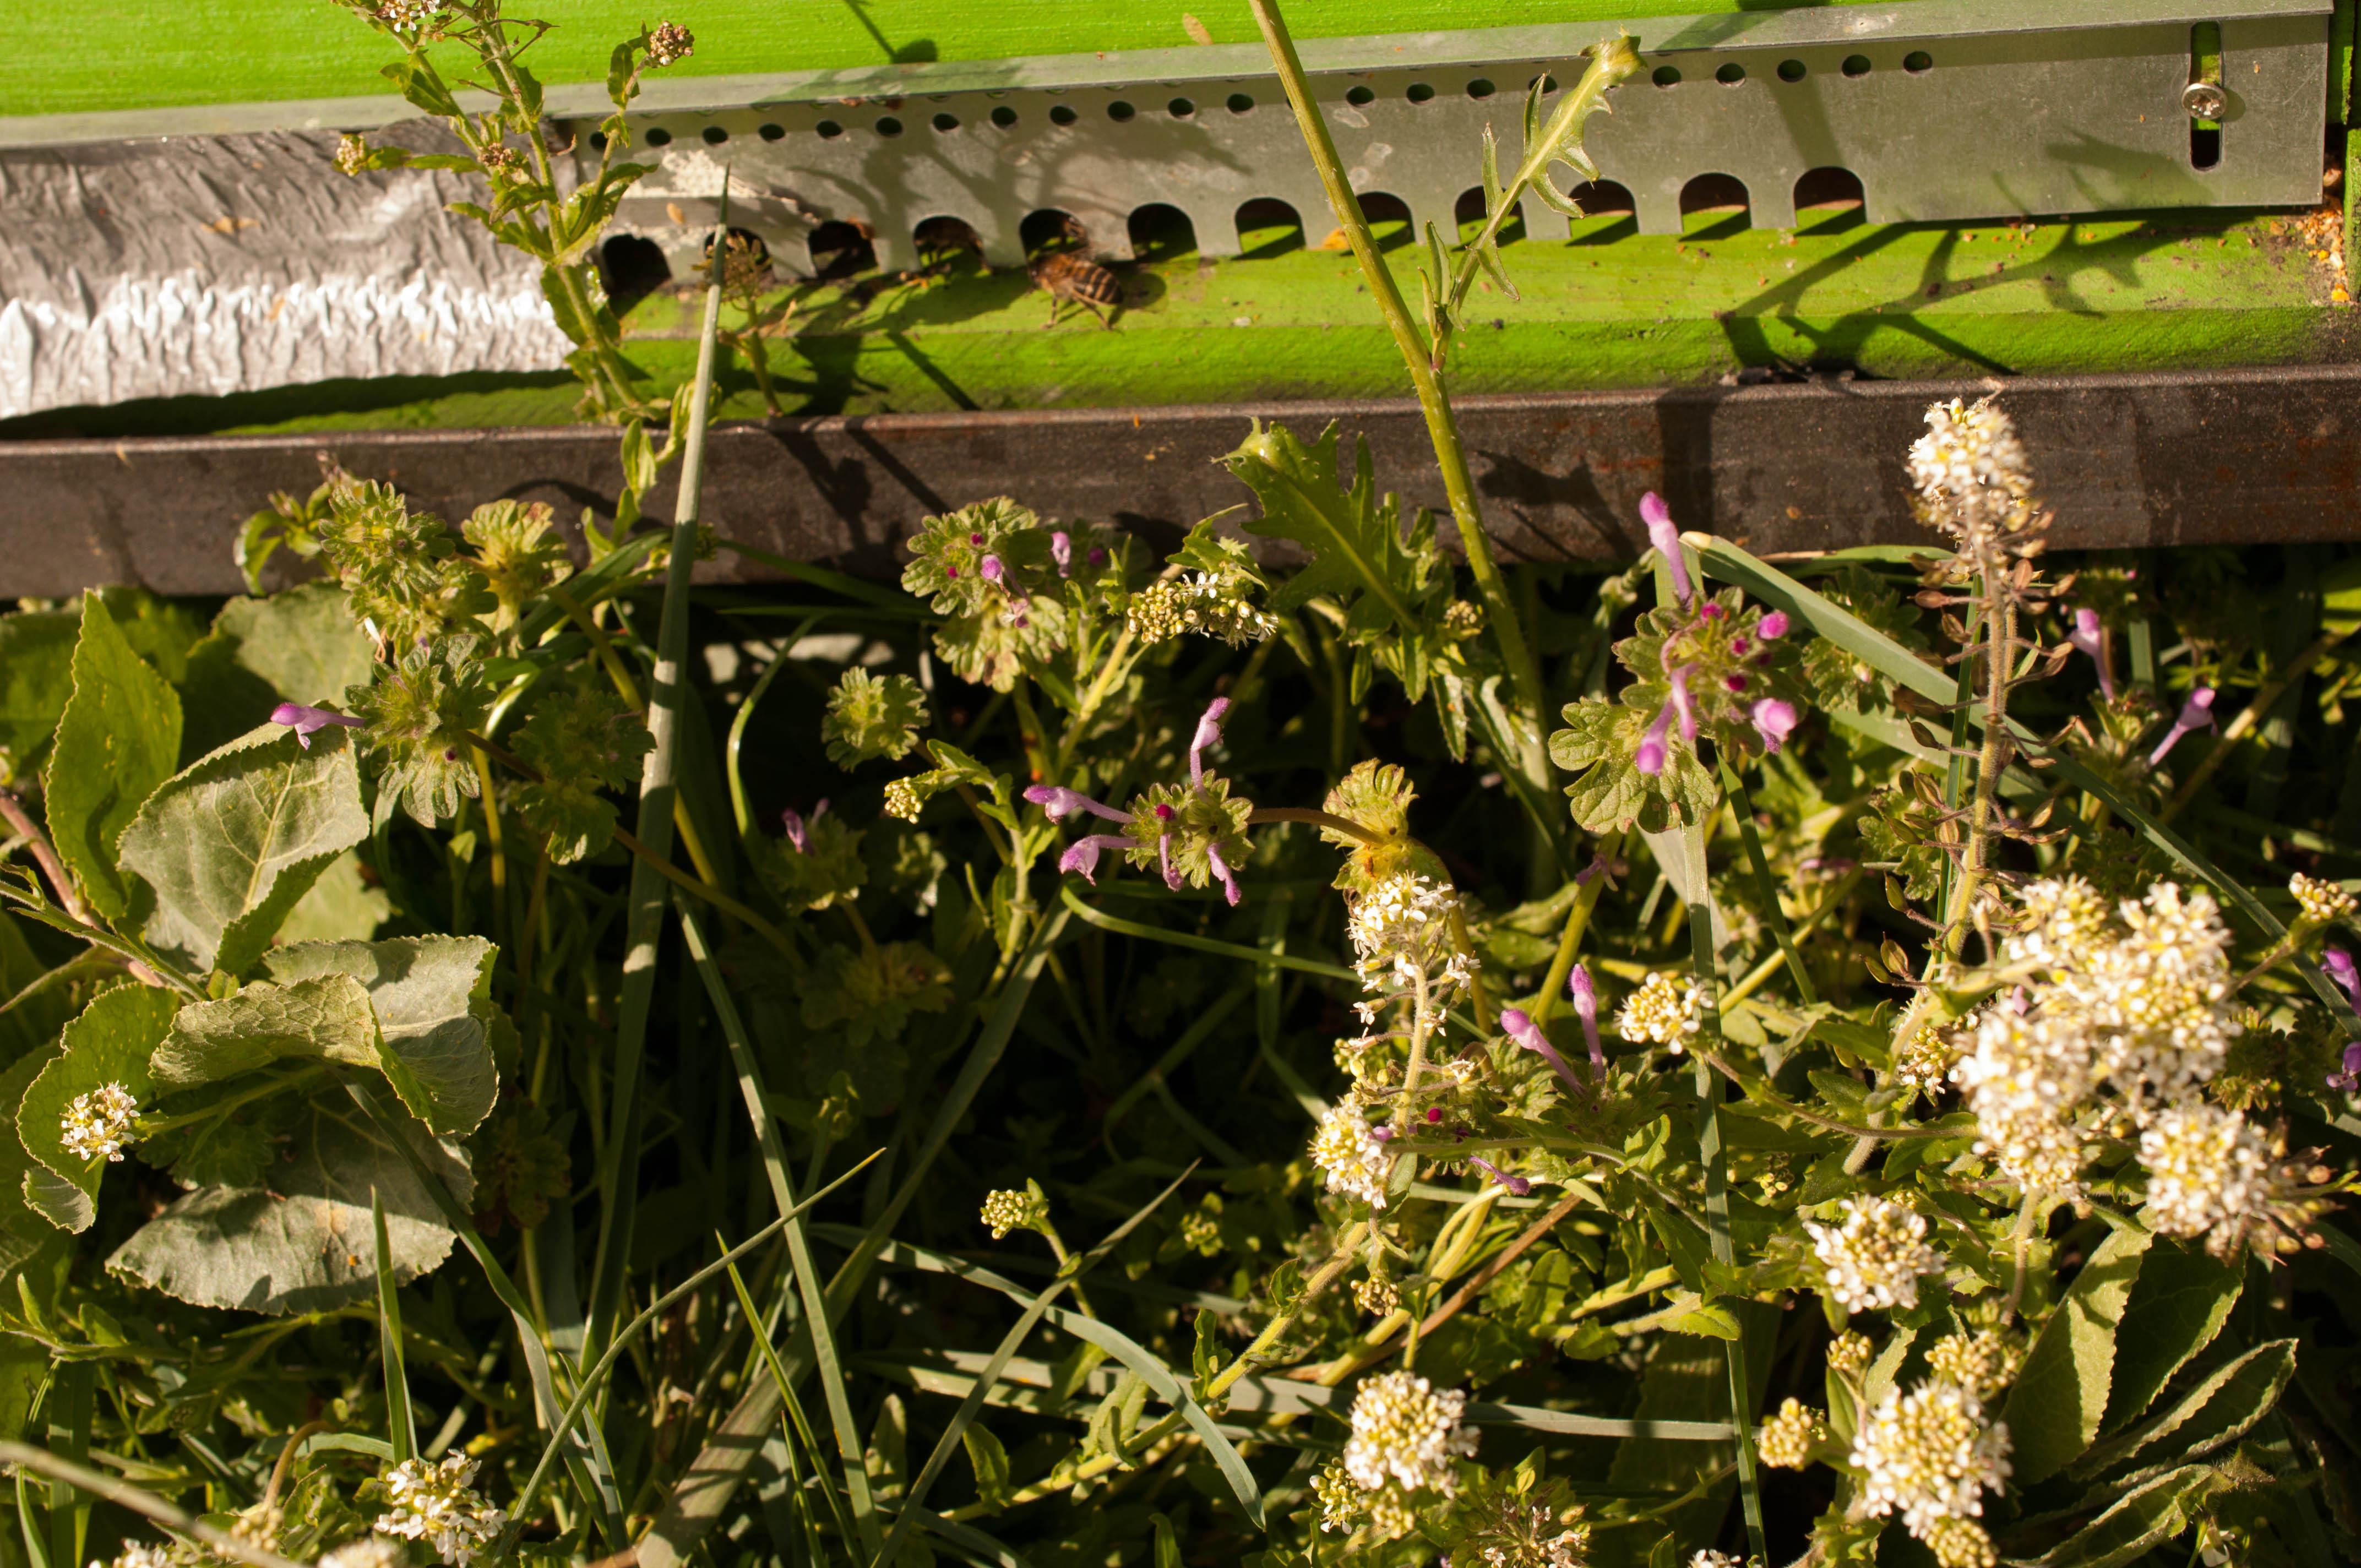 Lepidium campestre y Laminum amplexicaule Las Obreras de Aliste CB Artesanos de la Miel Aliste Gallegos del Campo Artesanos de la Miel